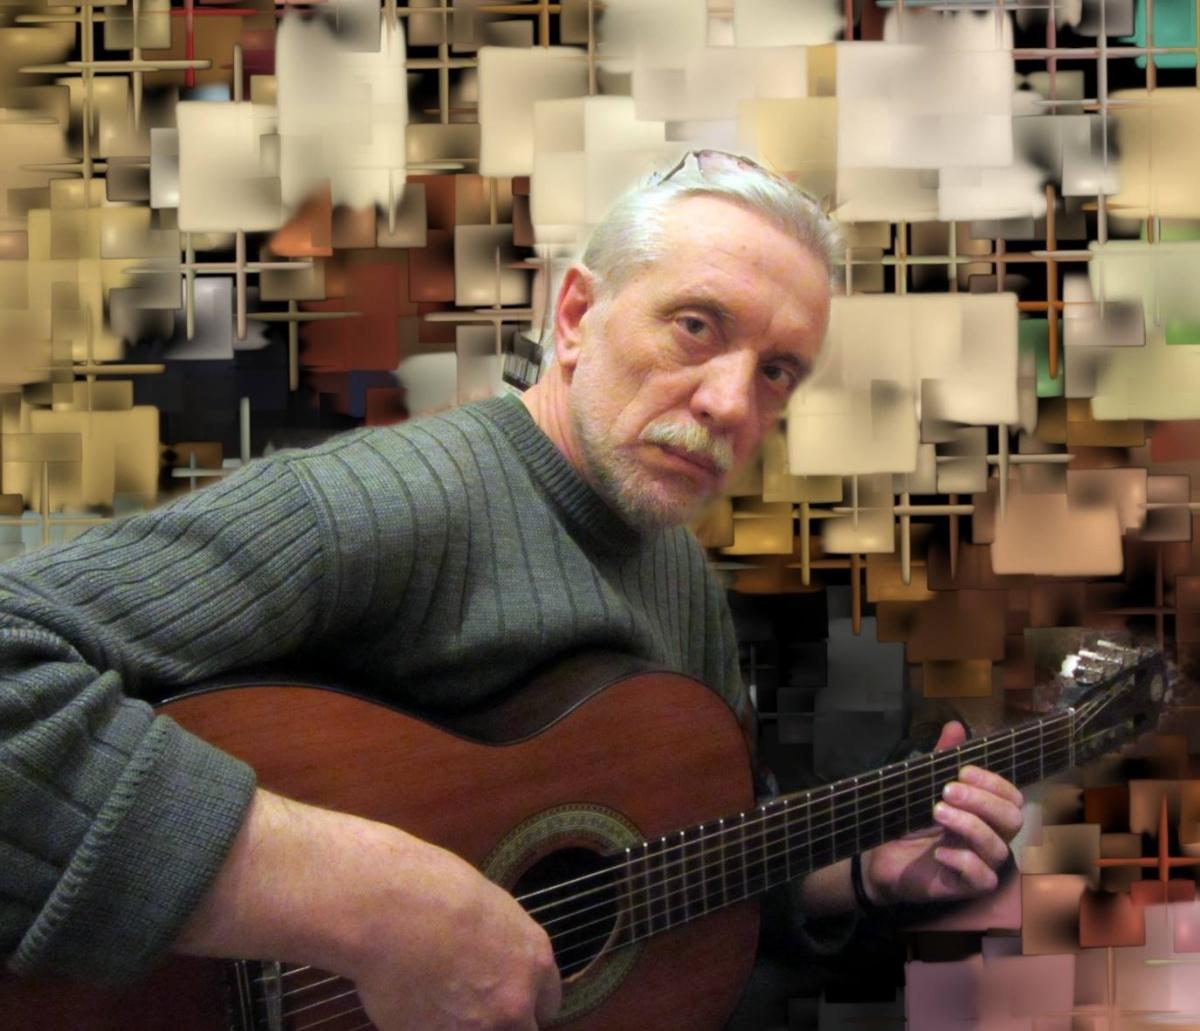 Прощание с Вадимиром Бугайцом пройдёт в четверг, 14 февраля